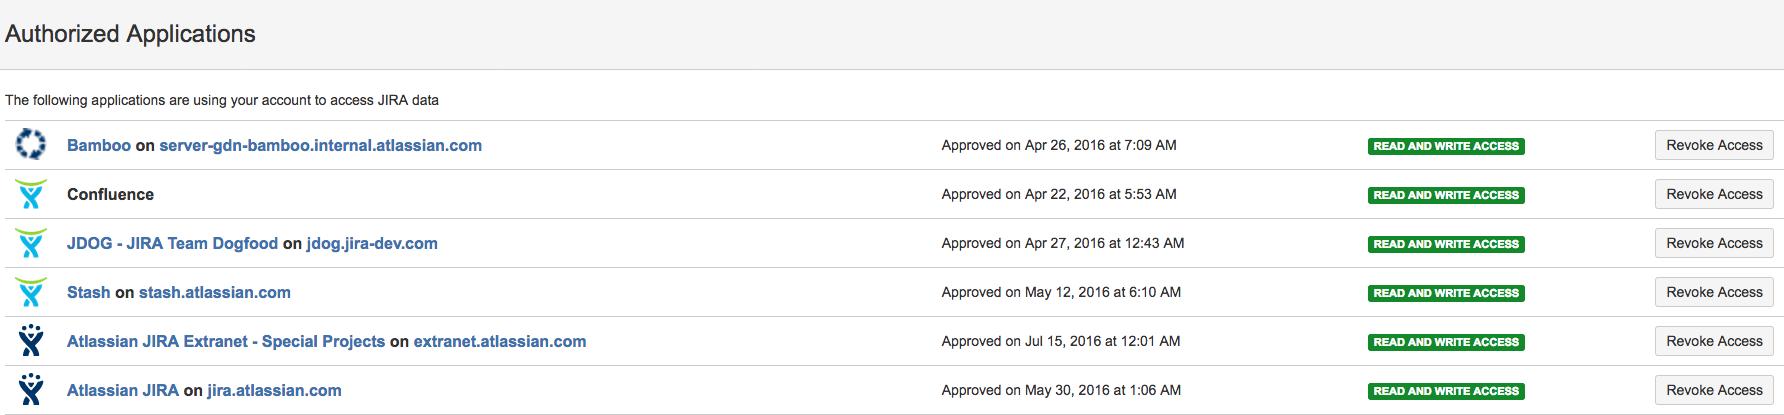 認証済みアプリケーションの一覧。